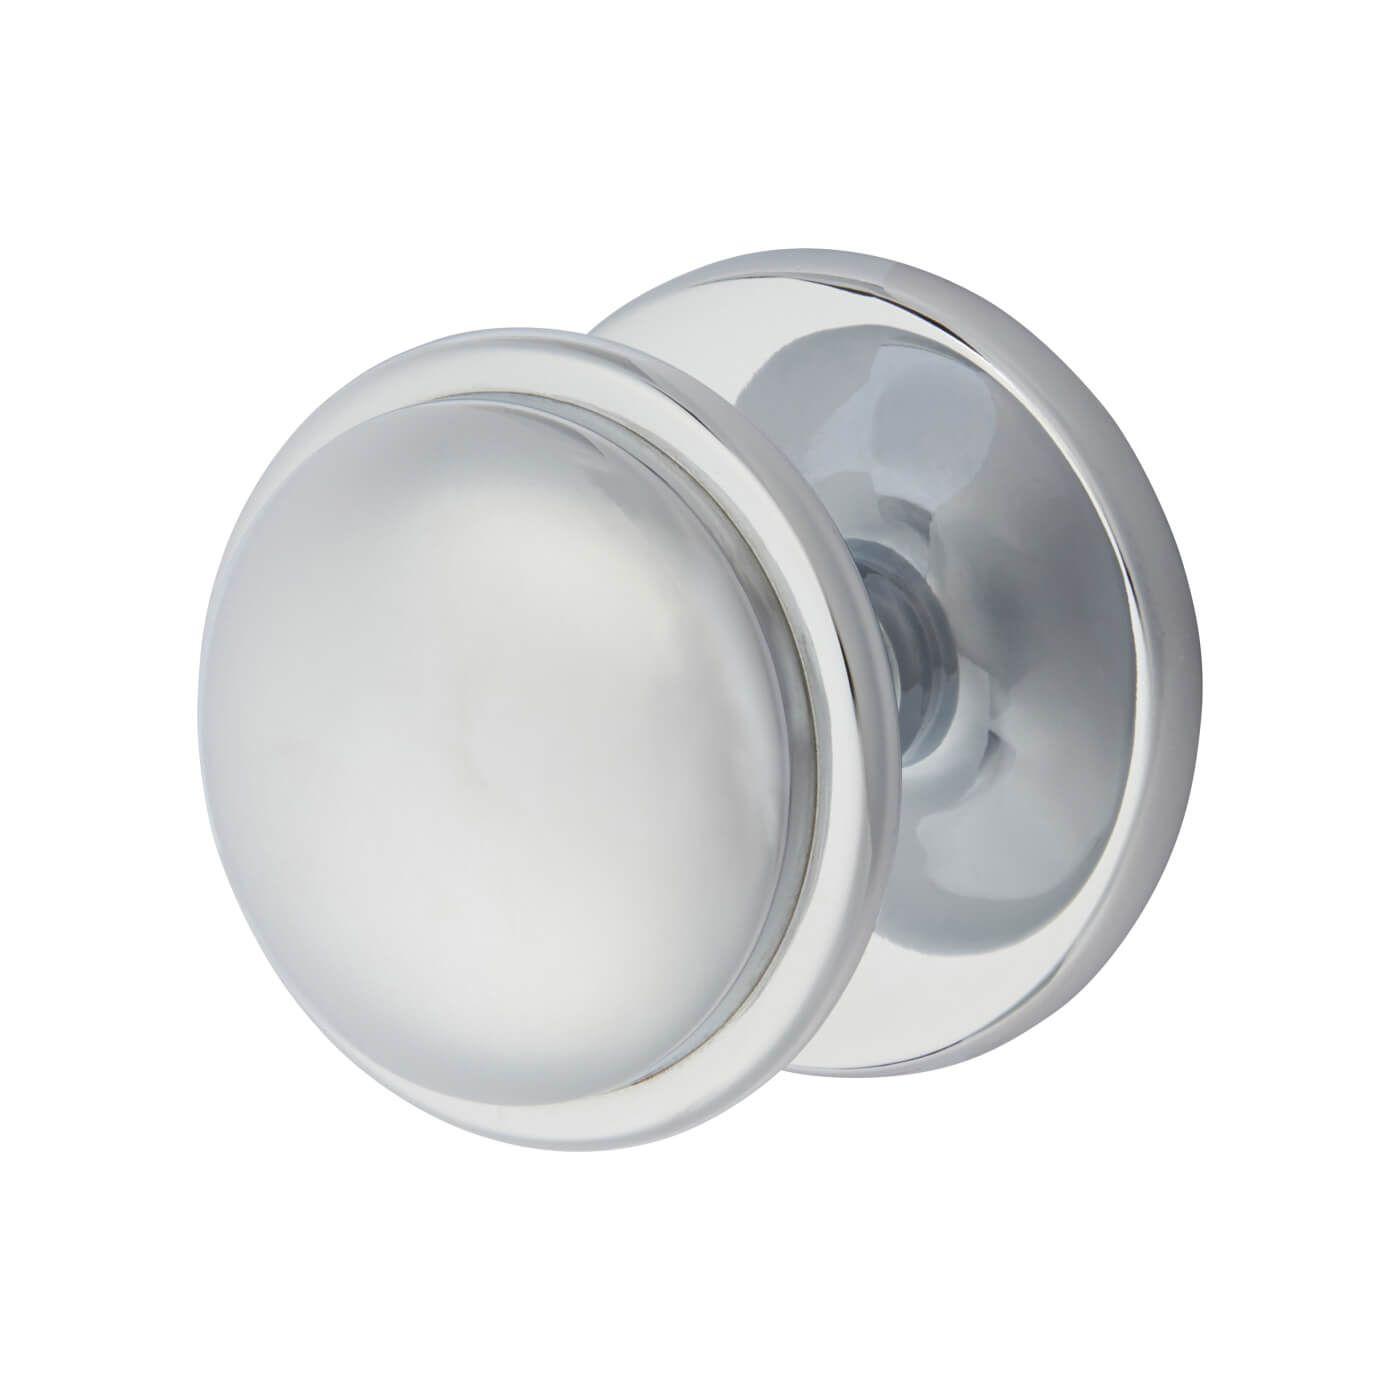 morello round centre door knob 80mm polished chrome